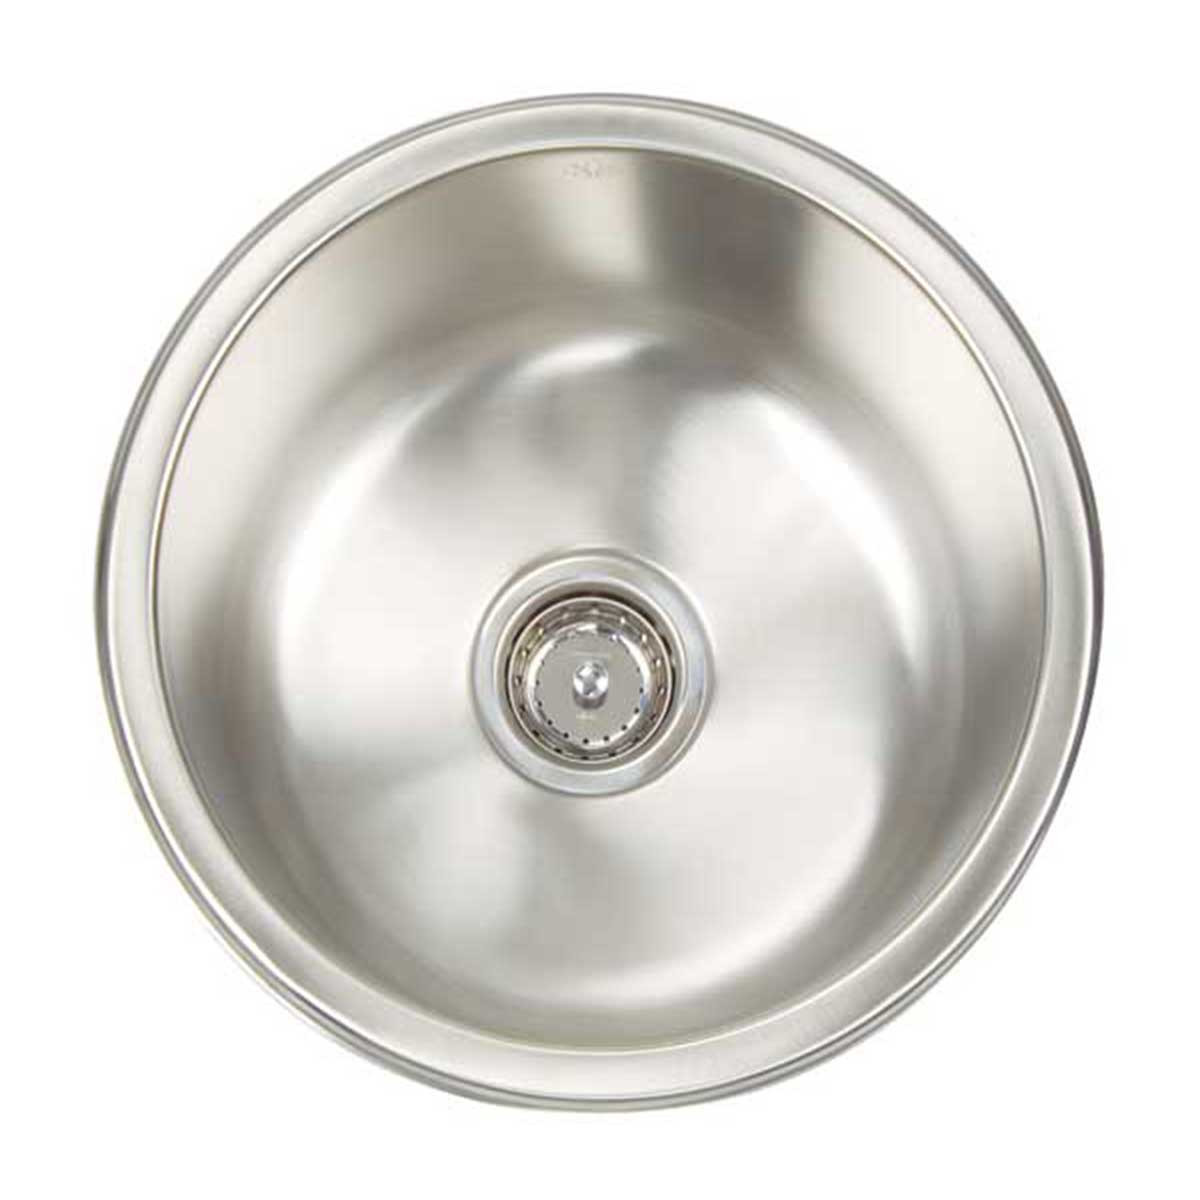 AO16-D8-D Artisan Sinks 16 Gauge